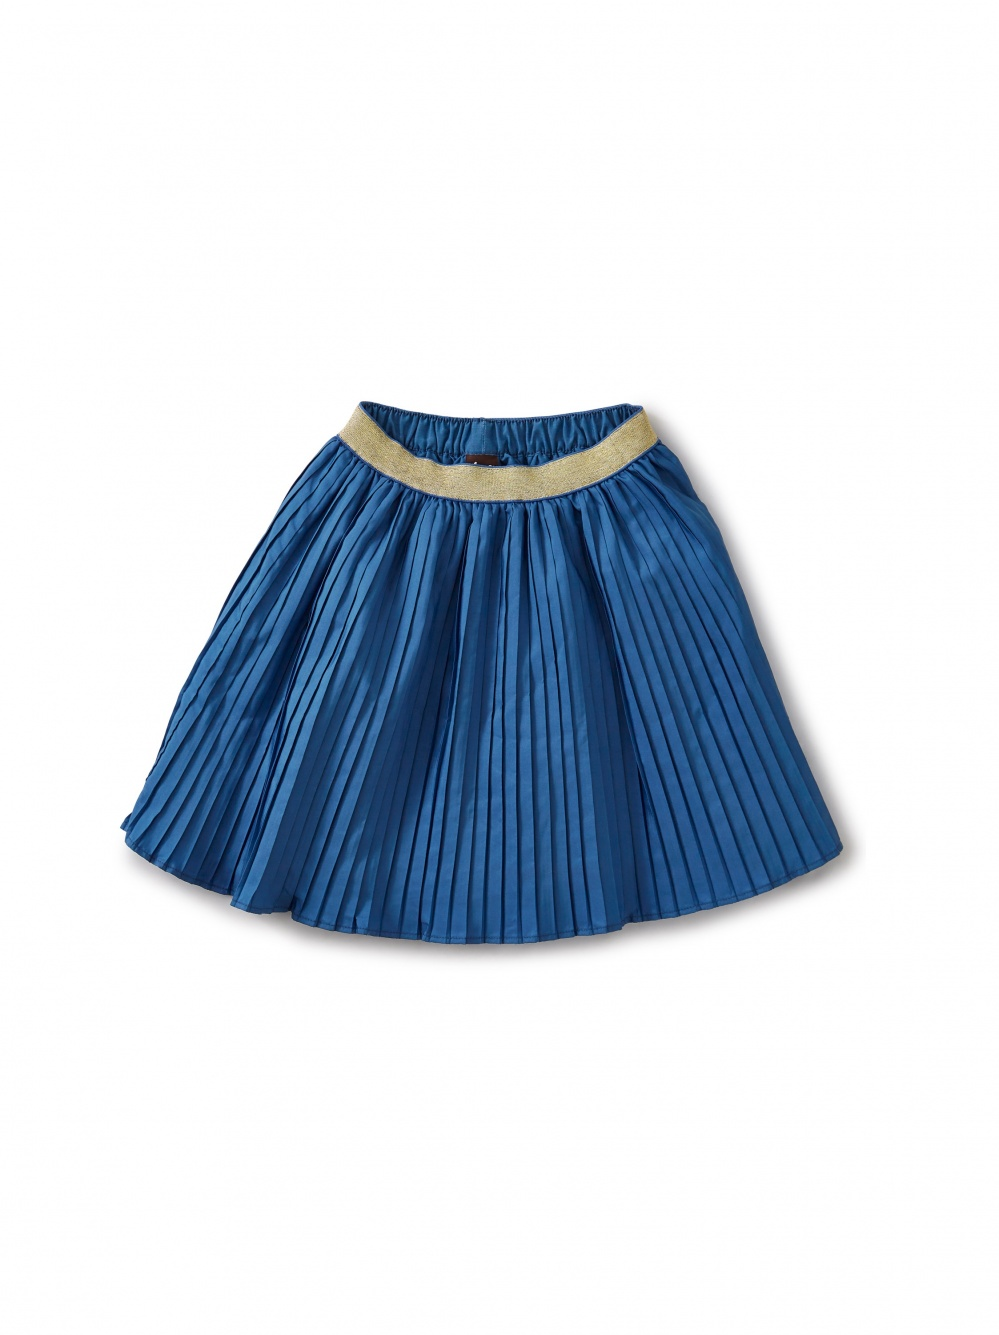 Metallic Waist Pleated Skirt